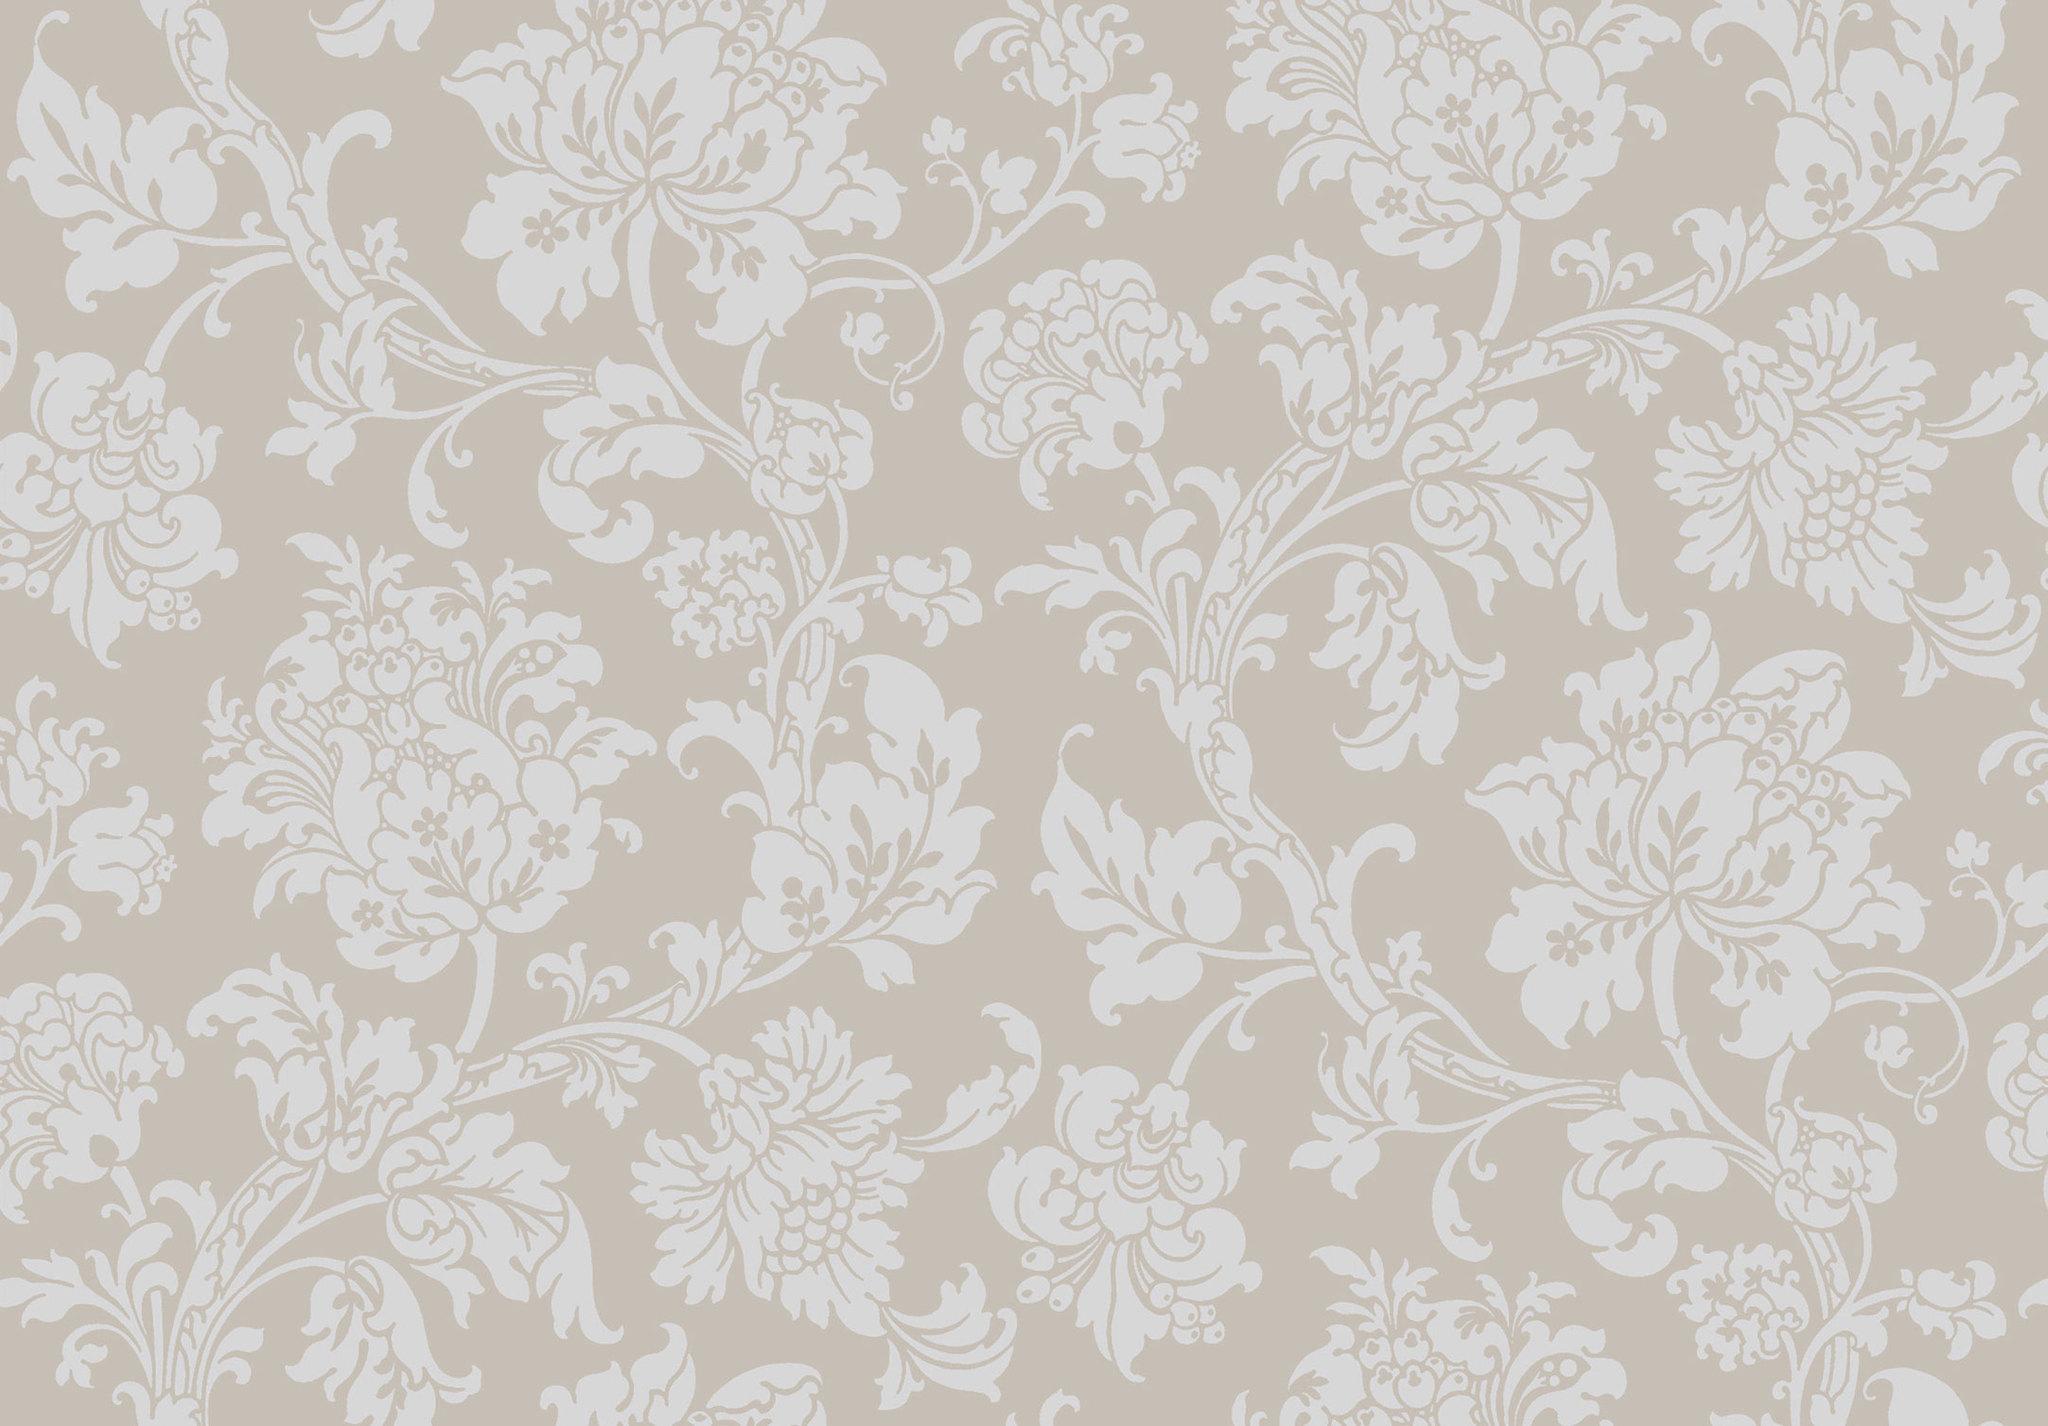 Обои Cole & Son Collection of Flowers 81/10042, интернет магазин Волео